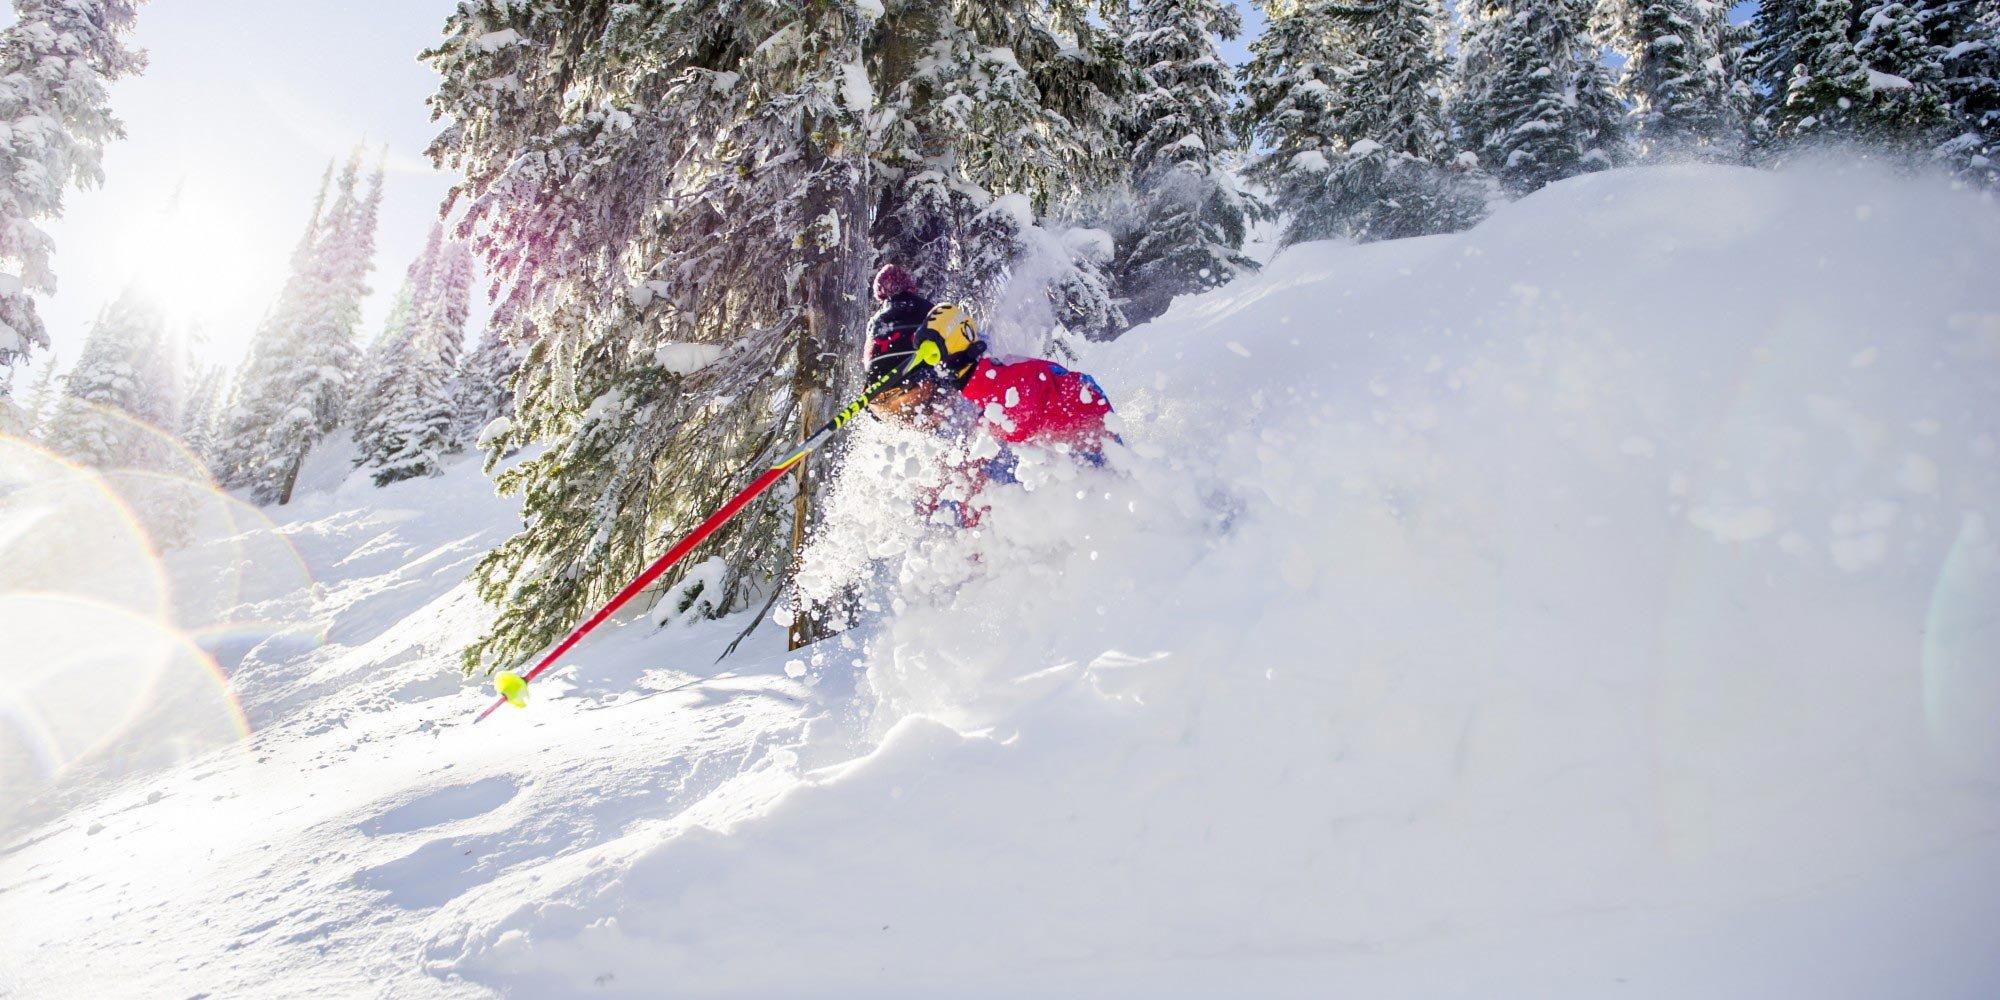 CSIA-Skier-Skiing-Powder-SM